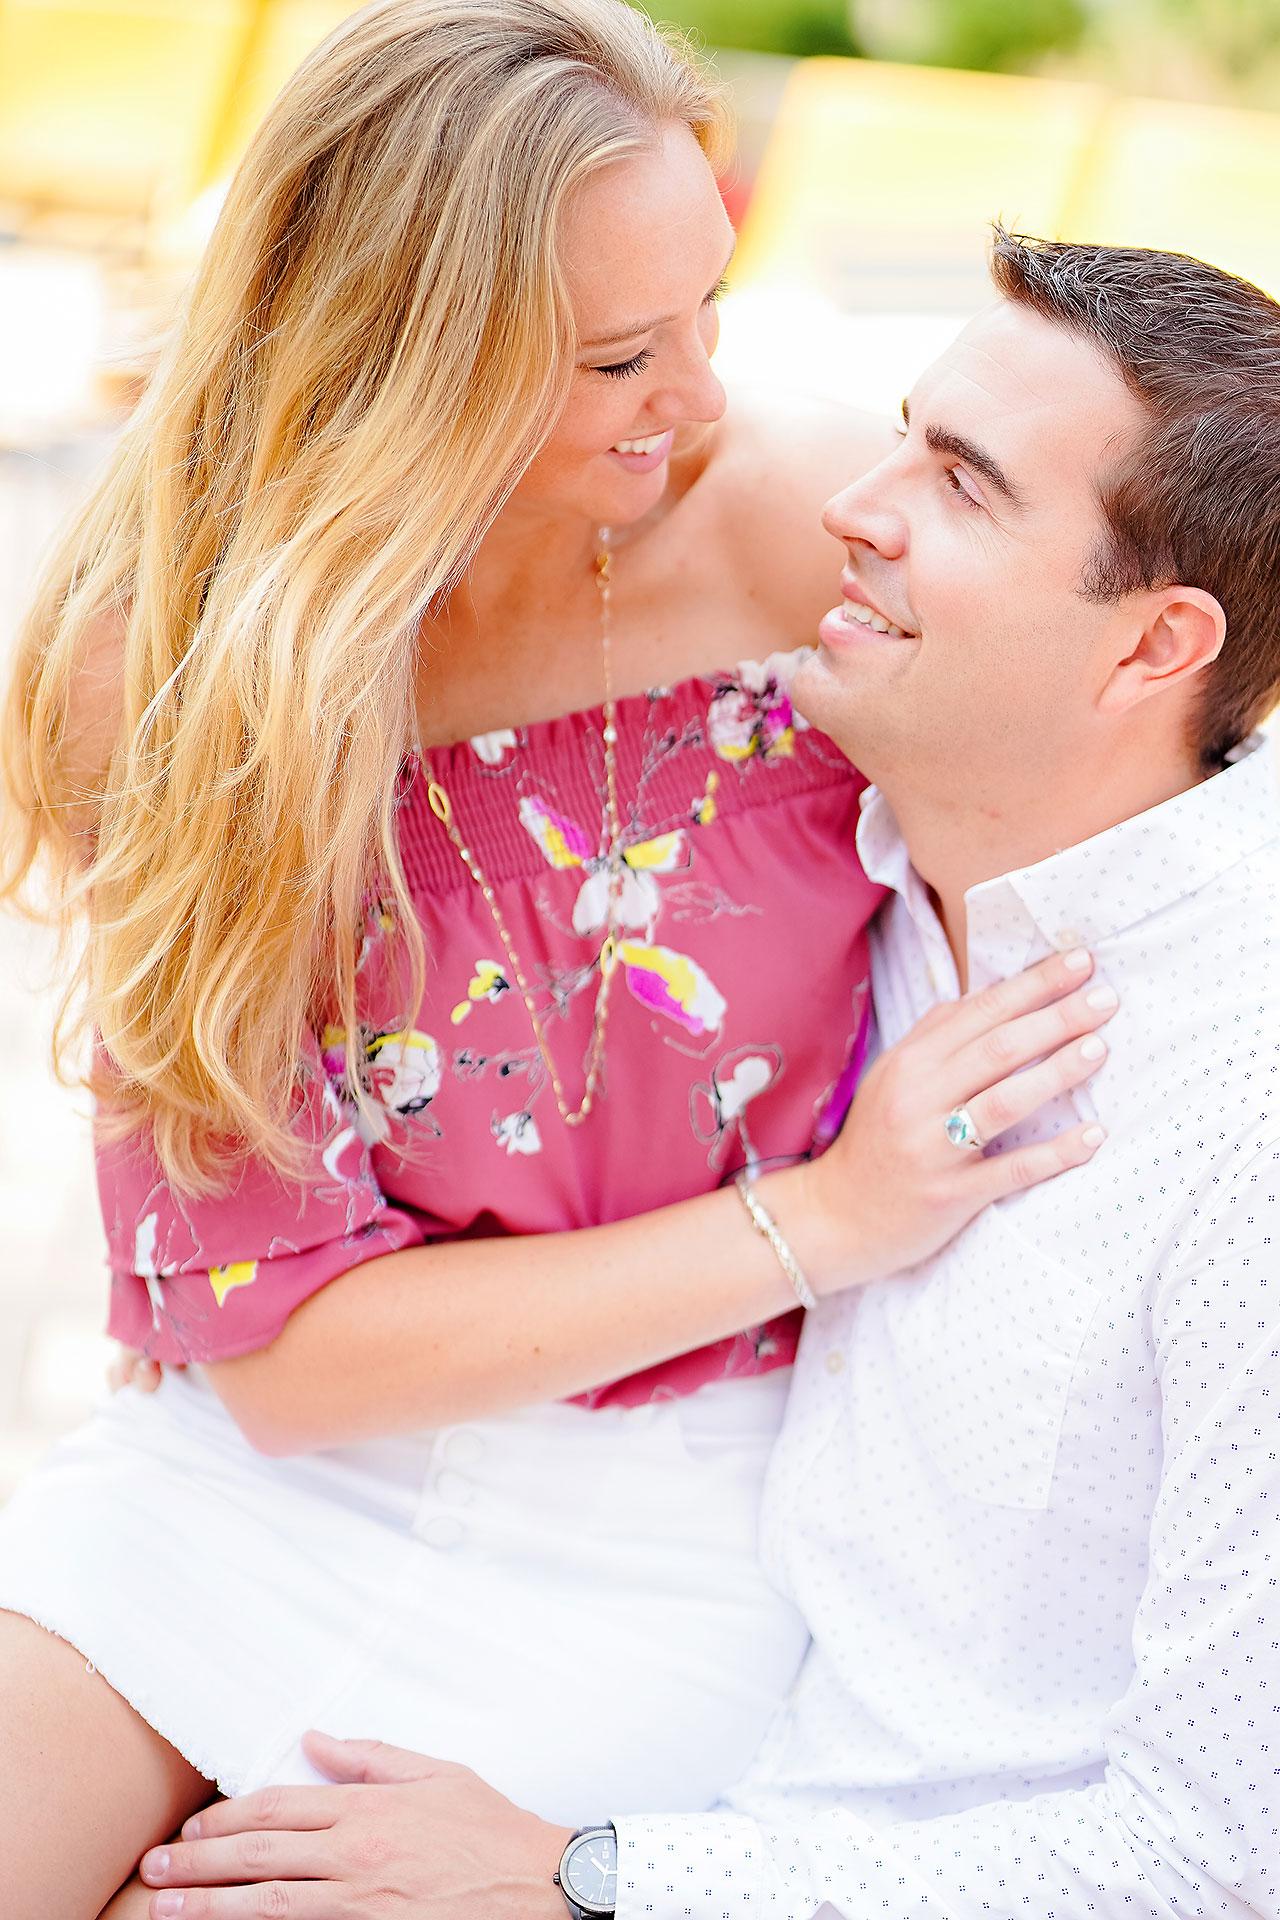 Liz Zach Midtown Carmel Engagement Session 025